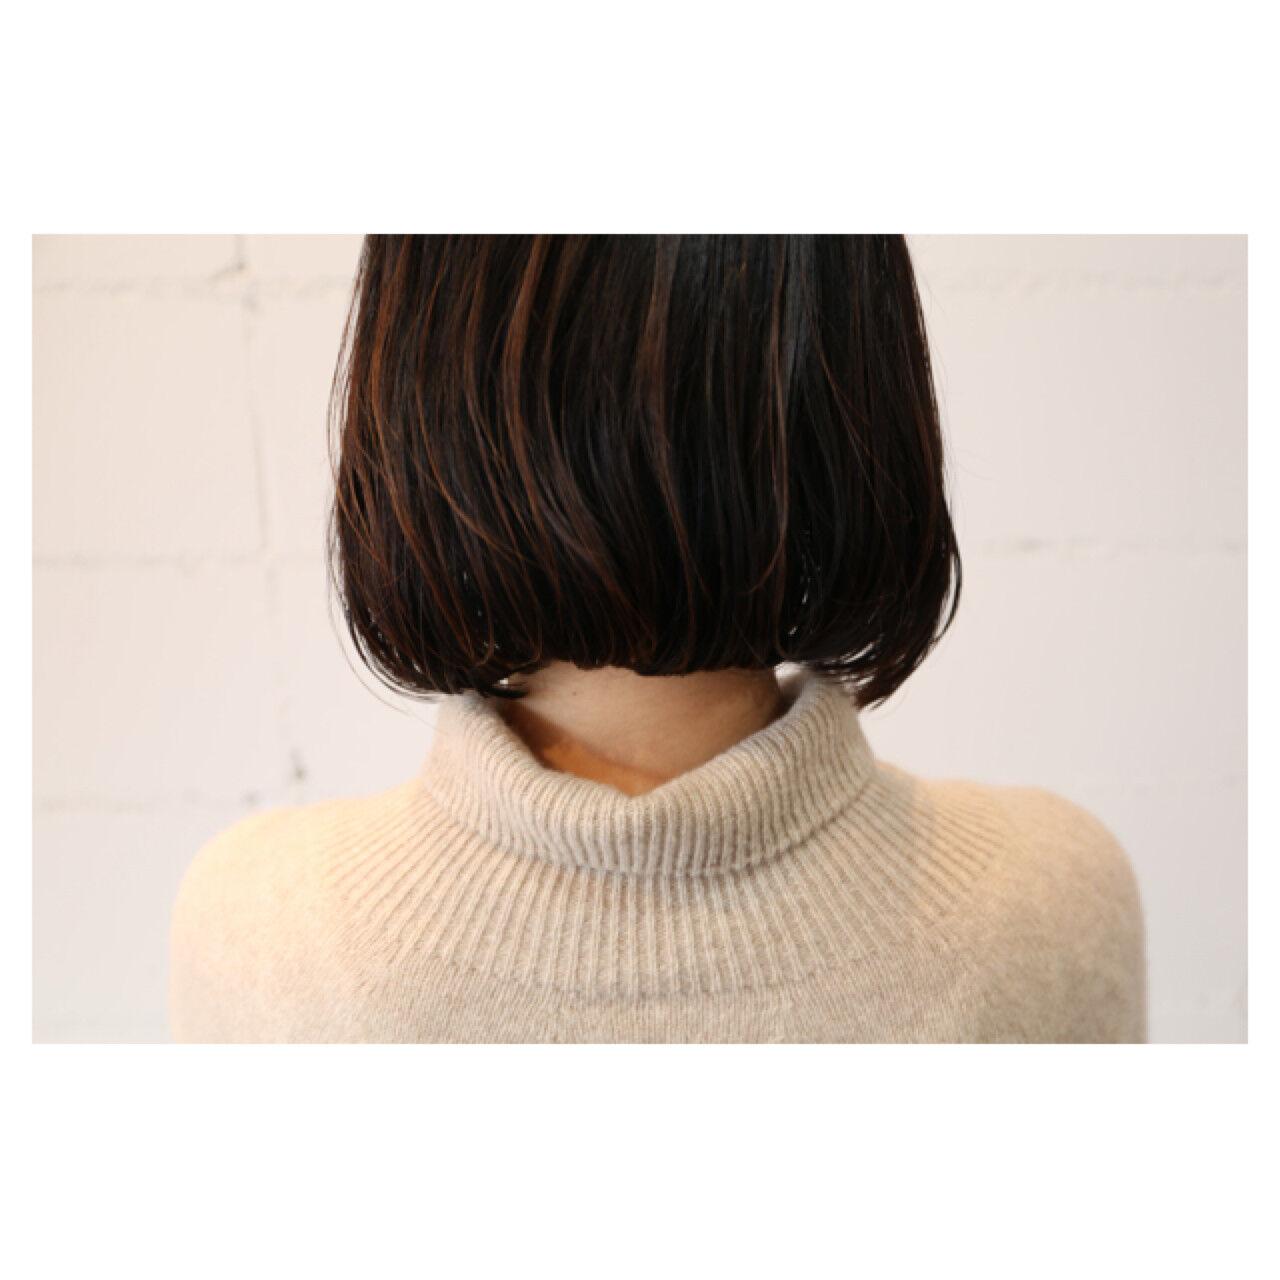 大人女子 イルミナカラー ナチュラル ボブヘアスタイルや髪型の写真・画像